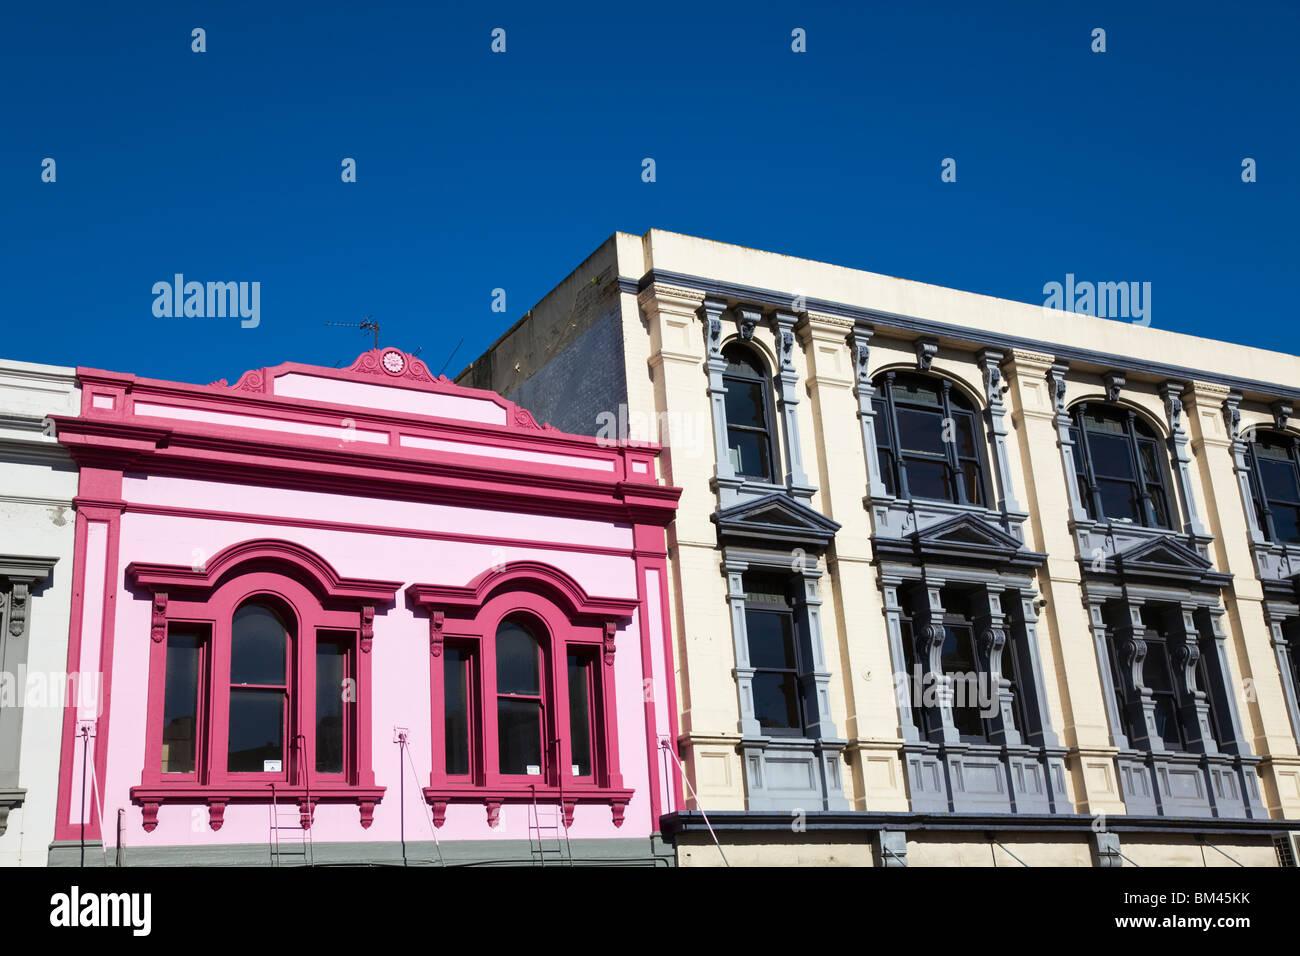 Colorata architettura lungo Manchester Street. Christchurch, Canterbury, Isola del Sud, Nuova Zelanda Immagini Stock